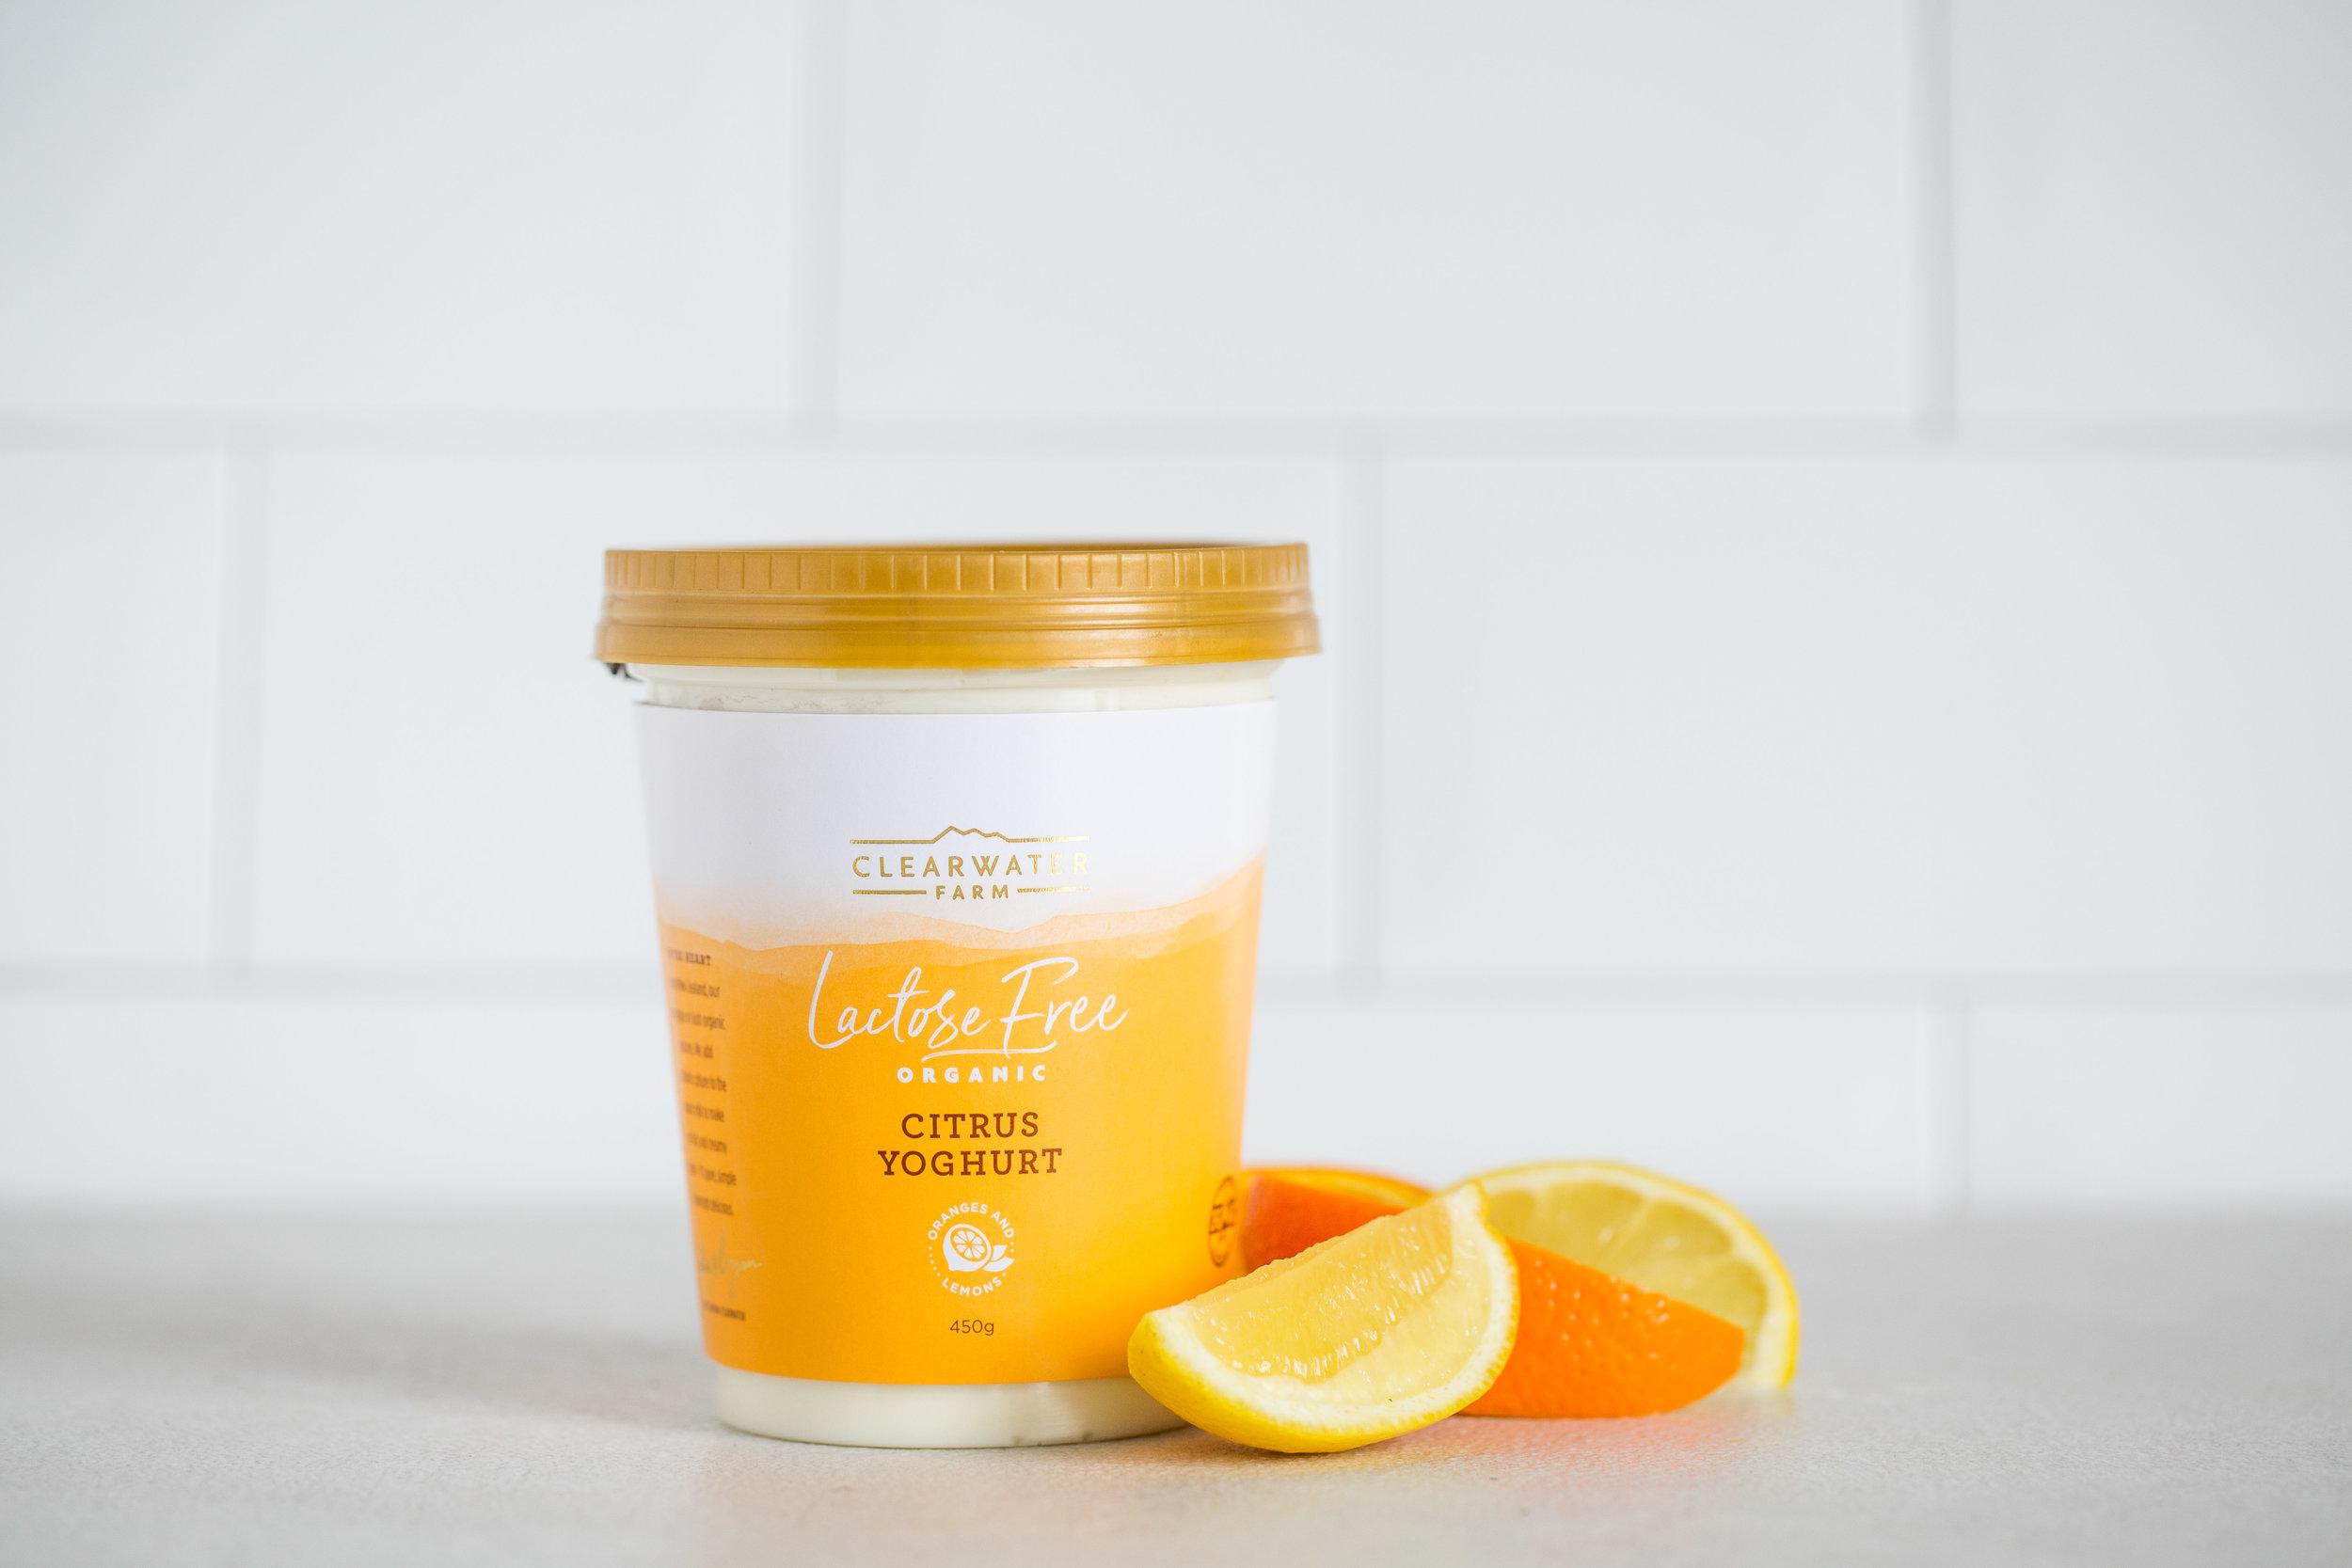 Clearwaters-Organic-Lactose-Free-Citrus-Yoghurt.jpg